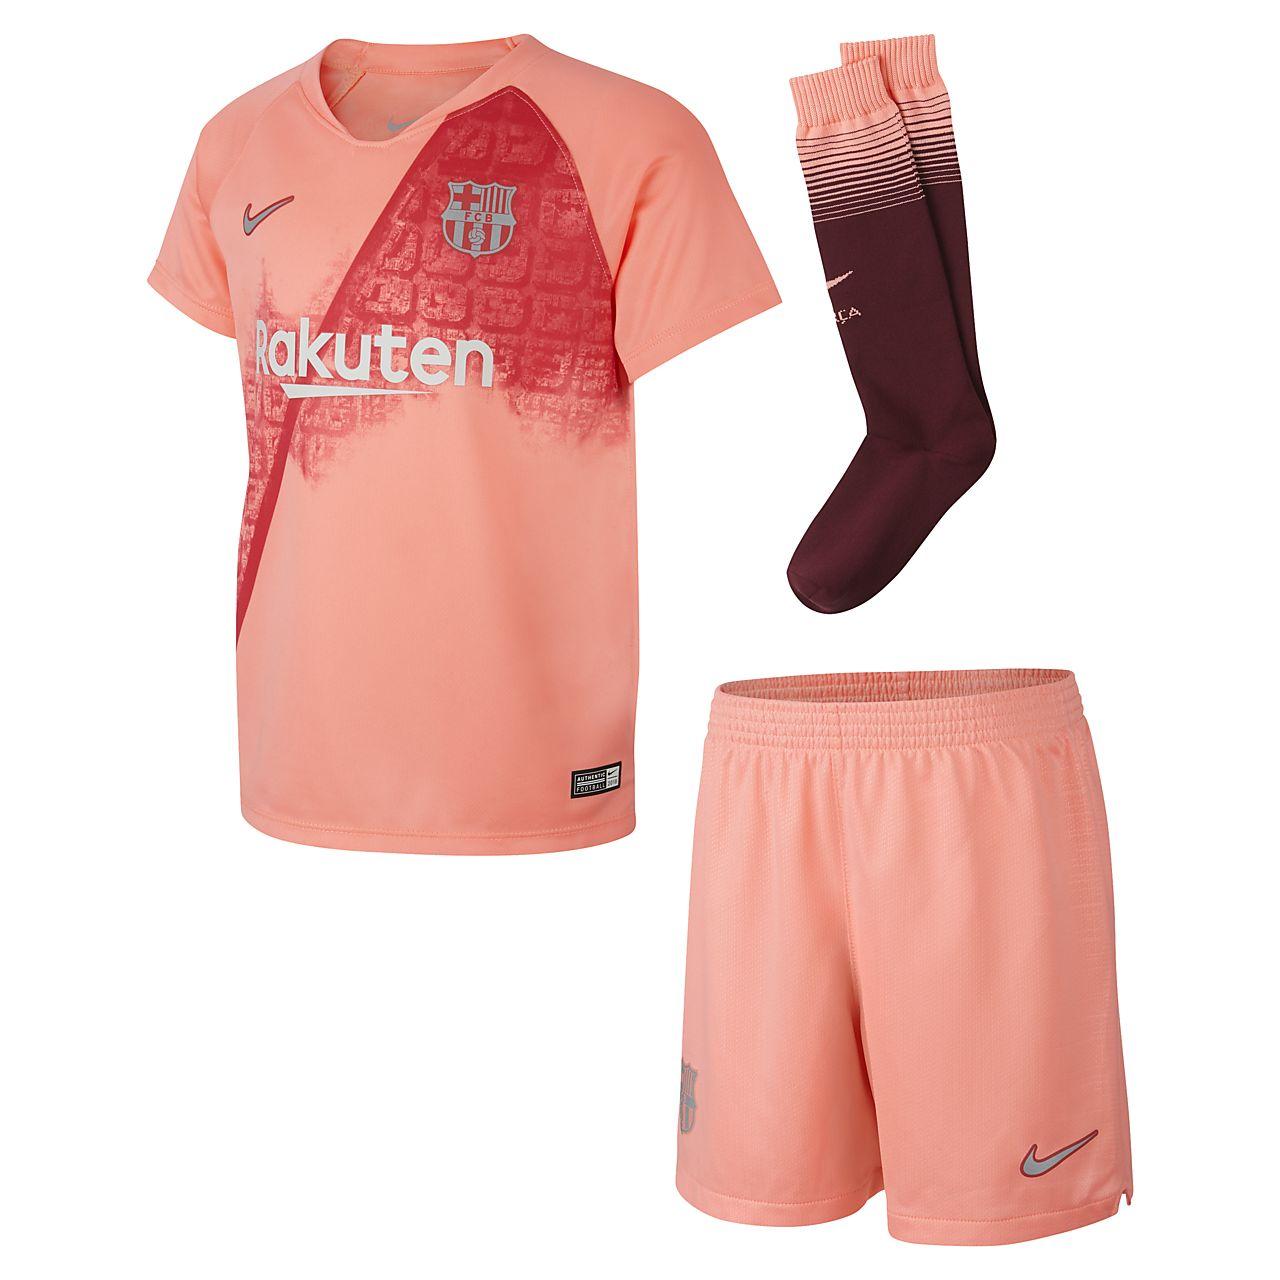 2018/19 FC Barcelona Stadium Third tredjedraktsett til små barn